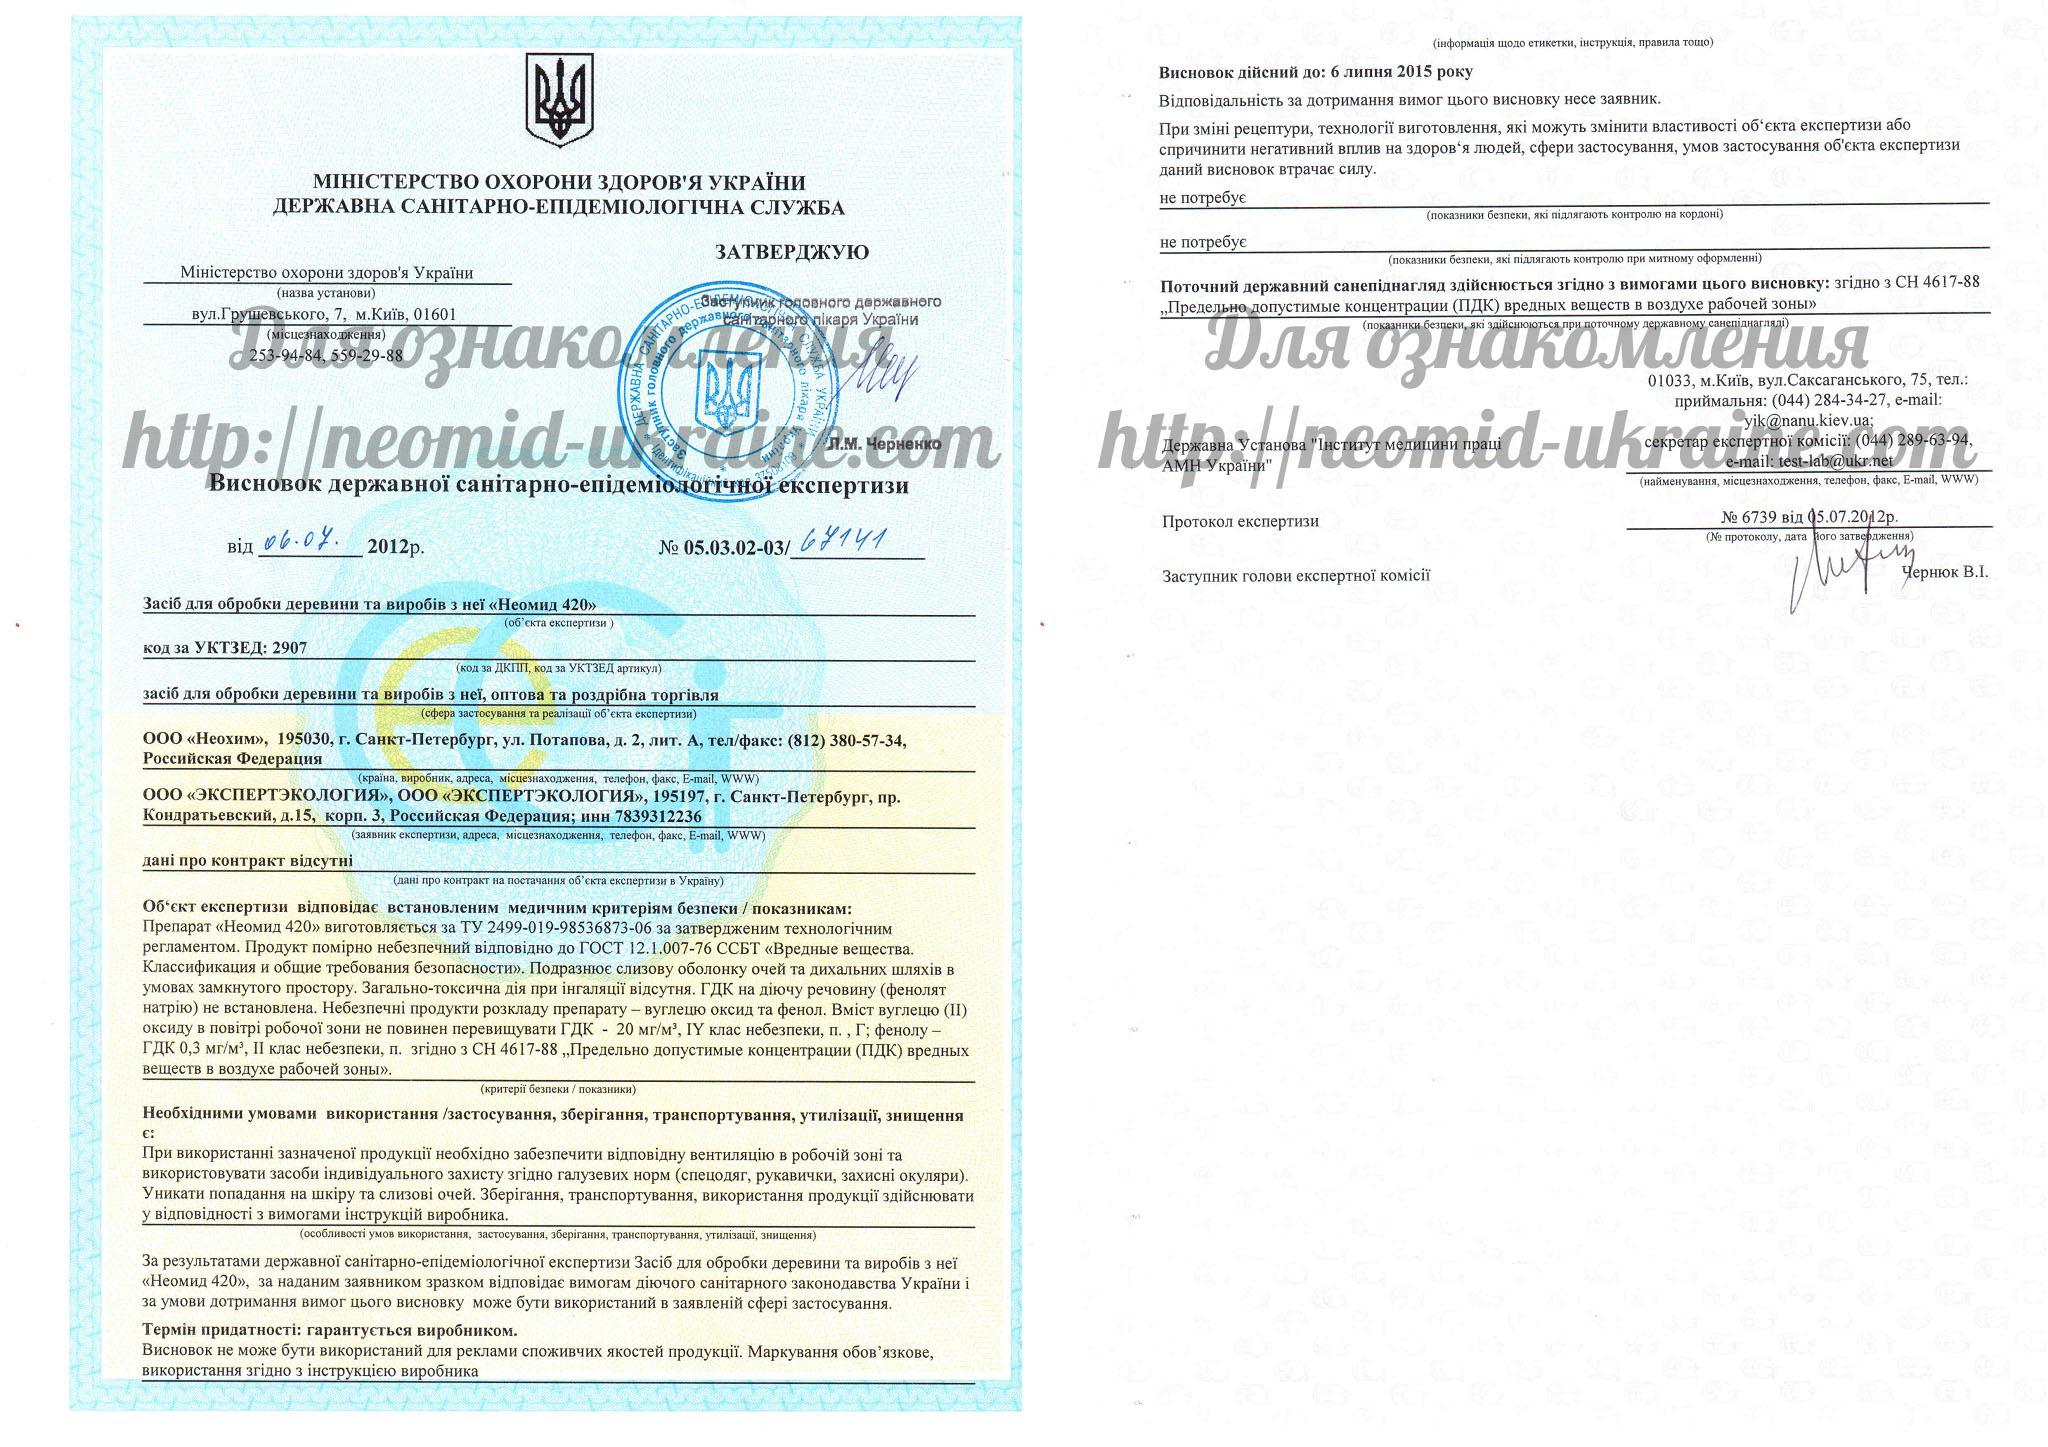 Неомид 420 - Транспортный антисептик - Висновок державної санітарно-епідеміологічної експертизи.